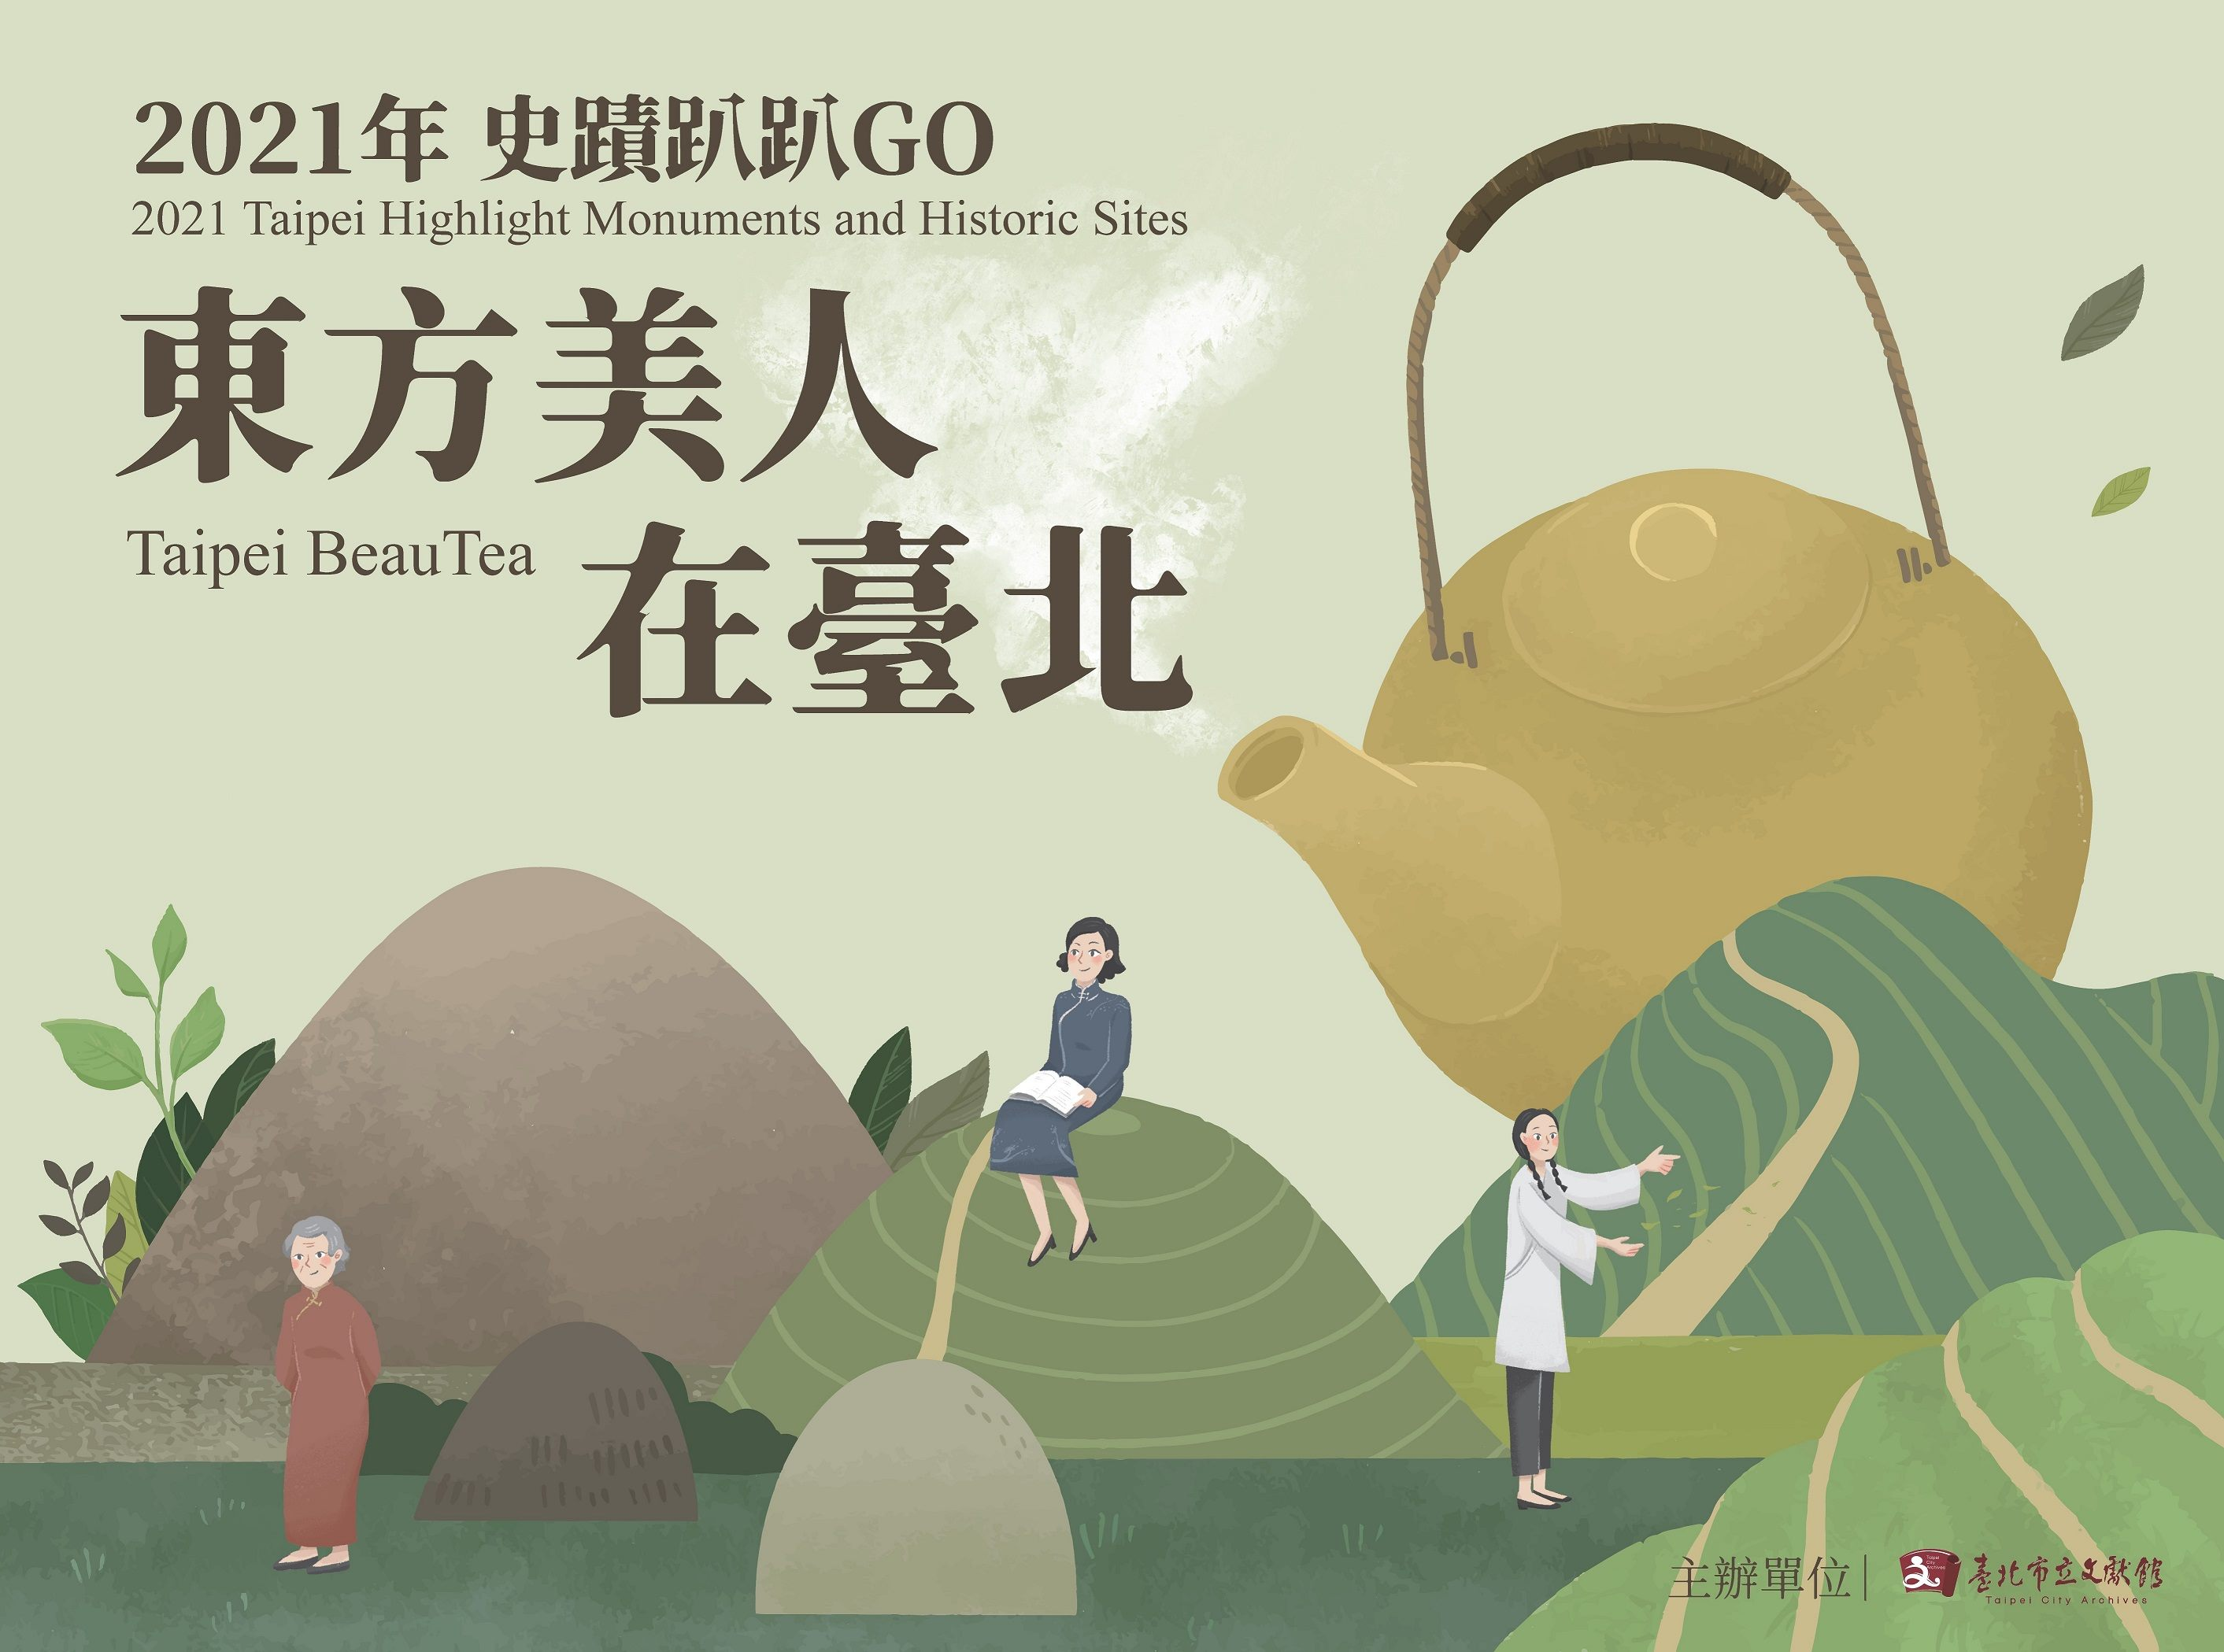 2021年史蹟趴趴GO 東方美人在臺北 5 大主題路線 邀您一起線上品茗聽故事